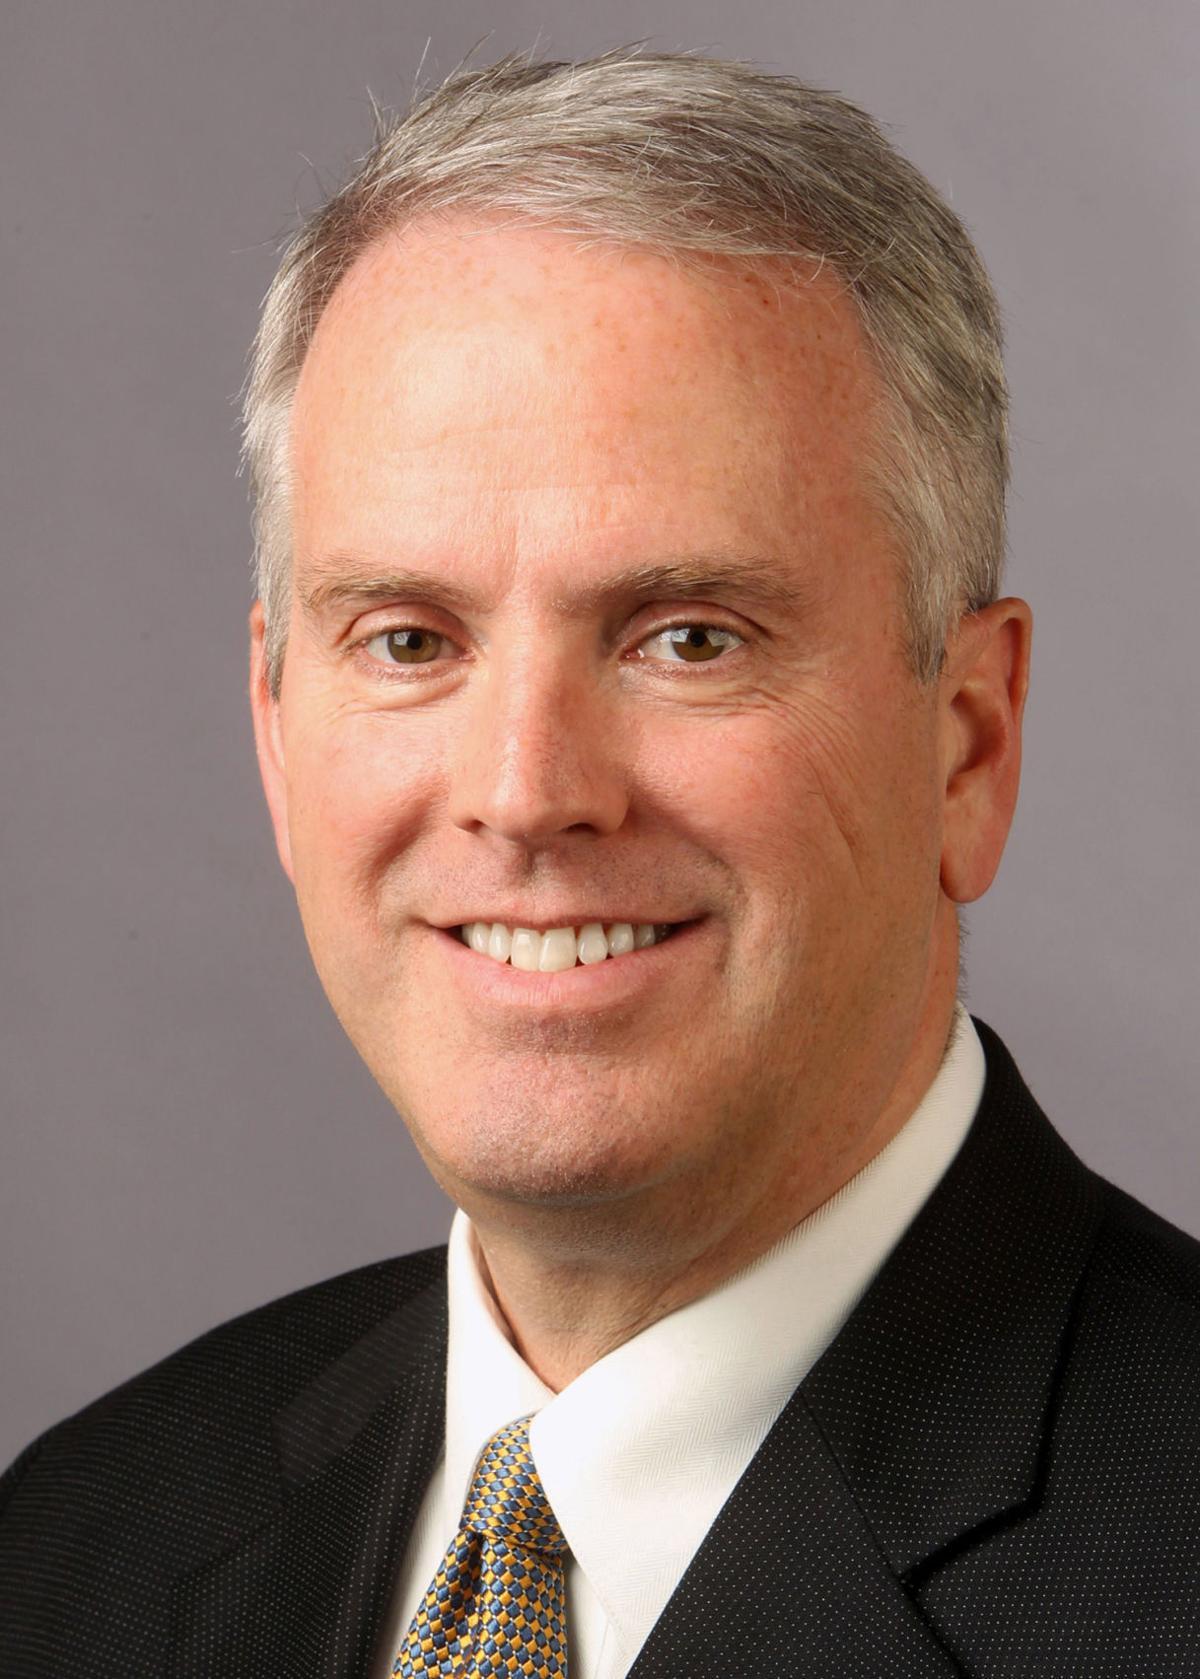 Kevin Mowbray